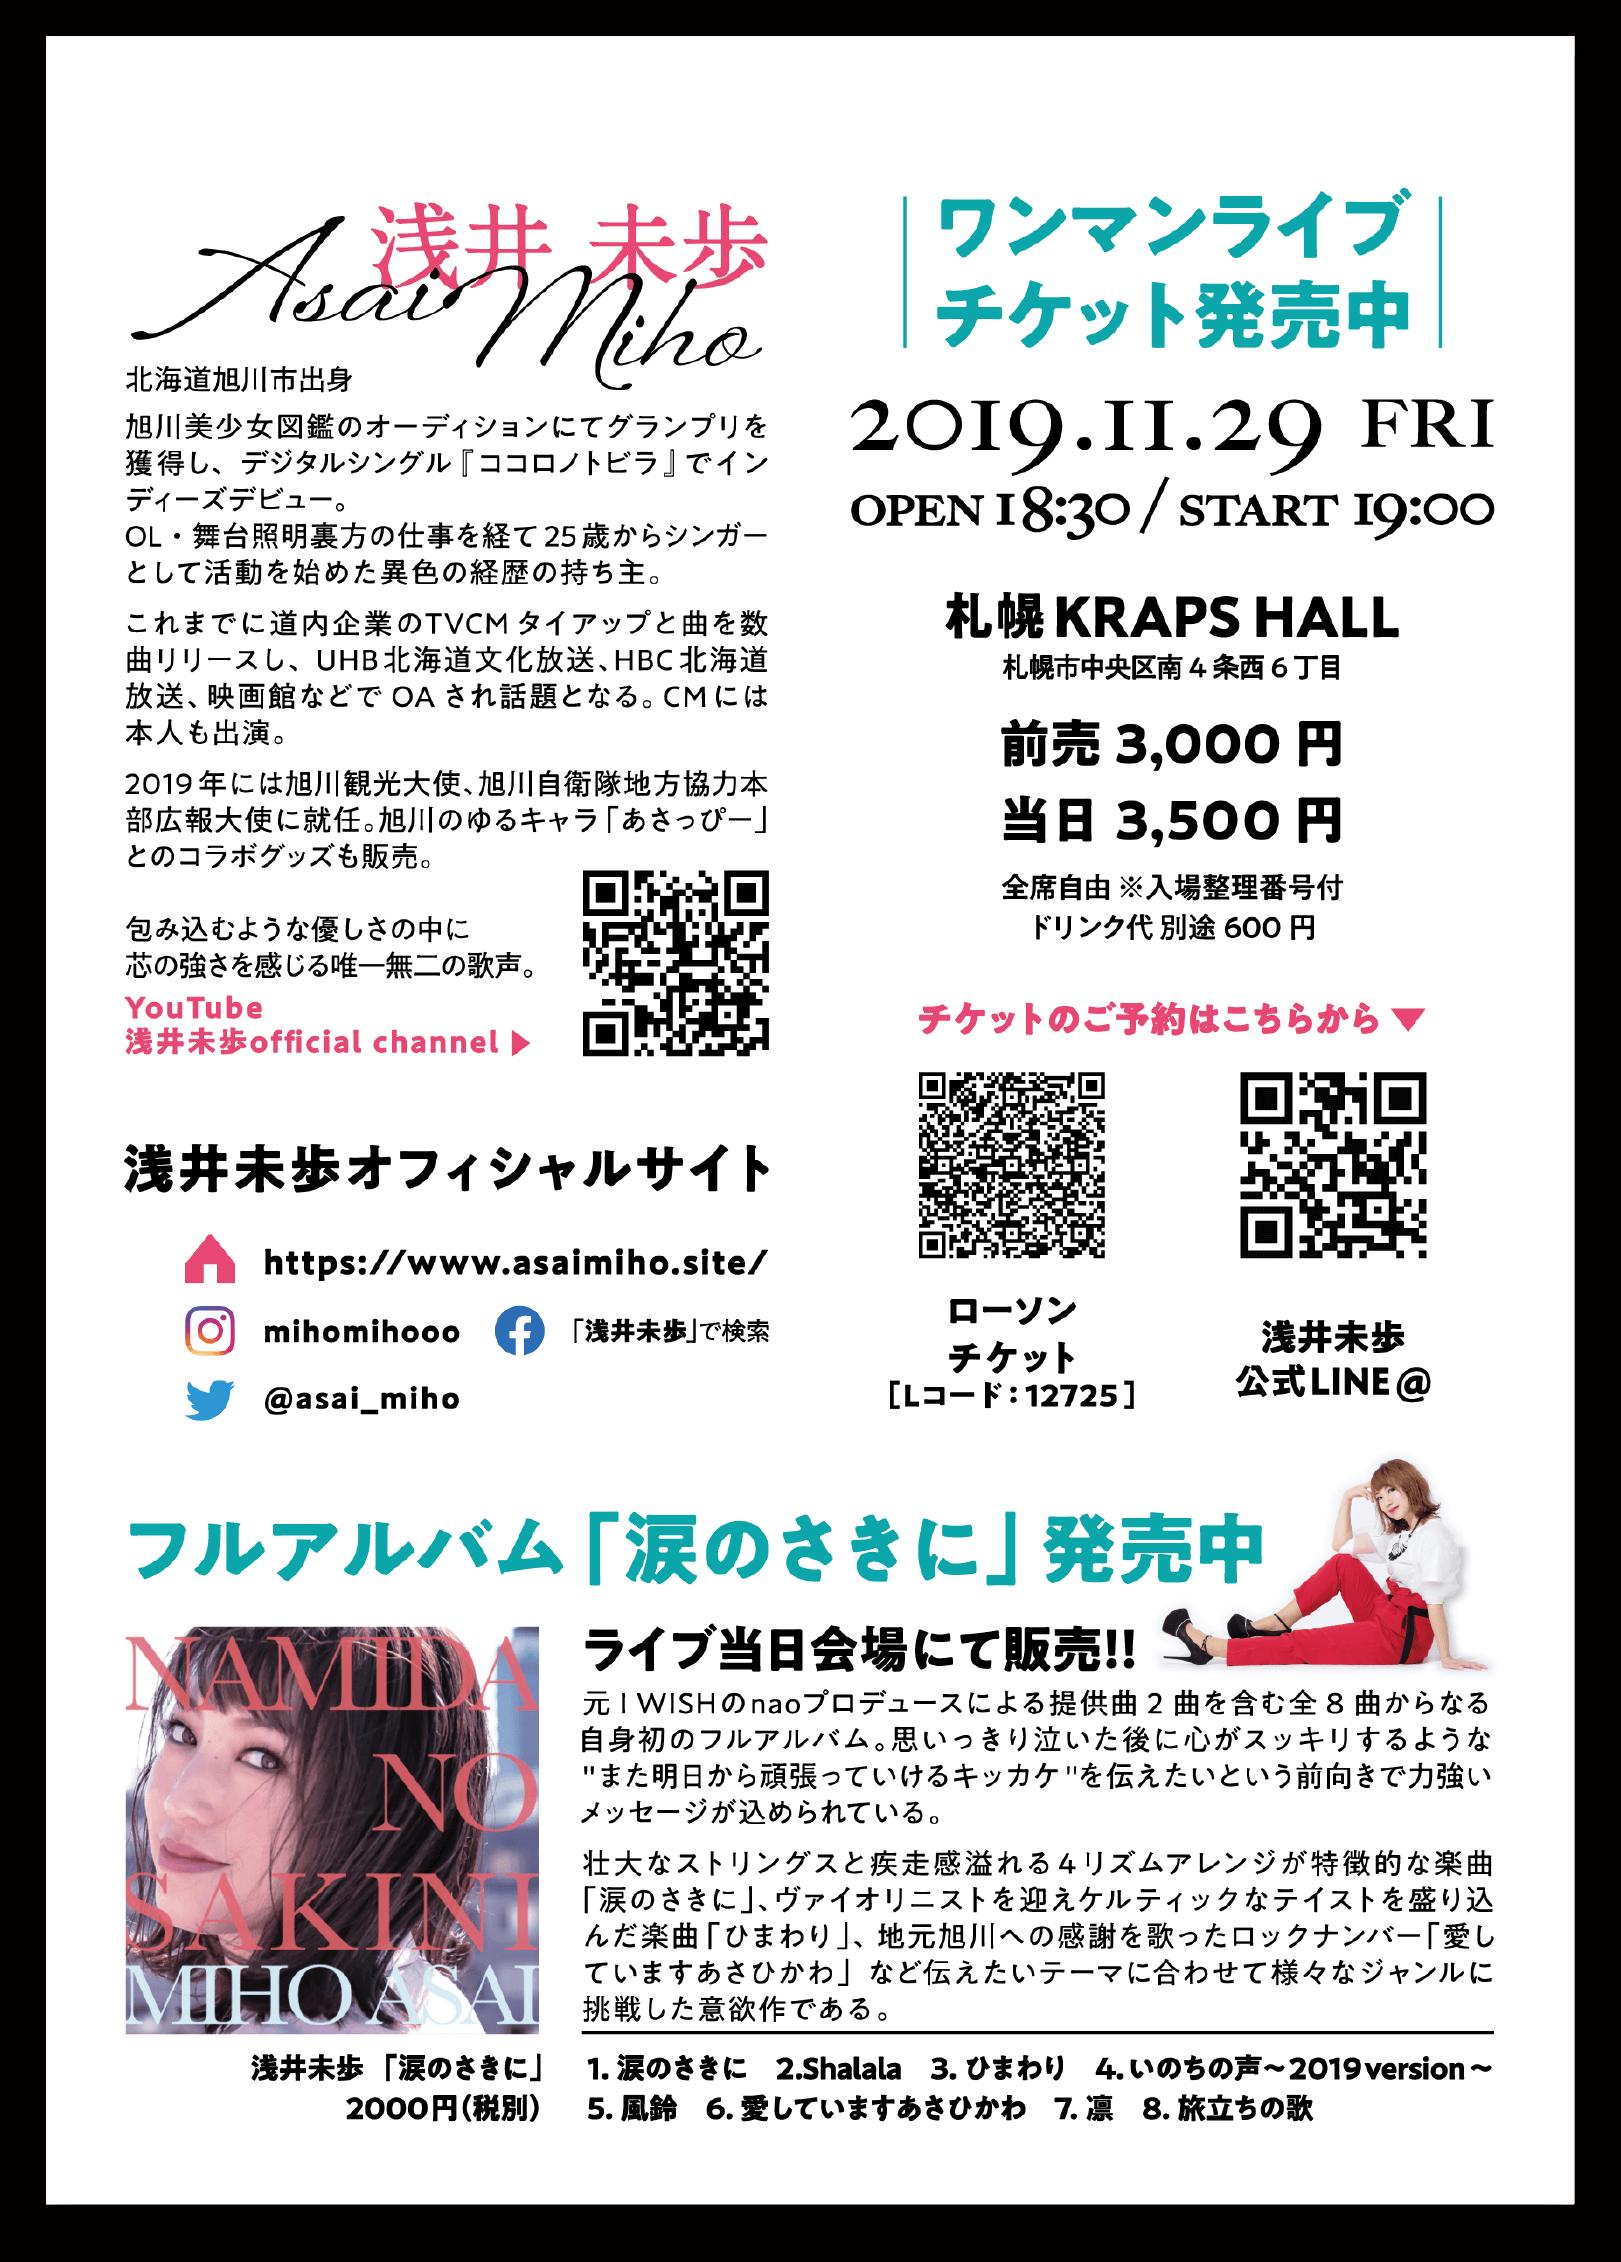 浅井未歩様 イメージ2